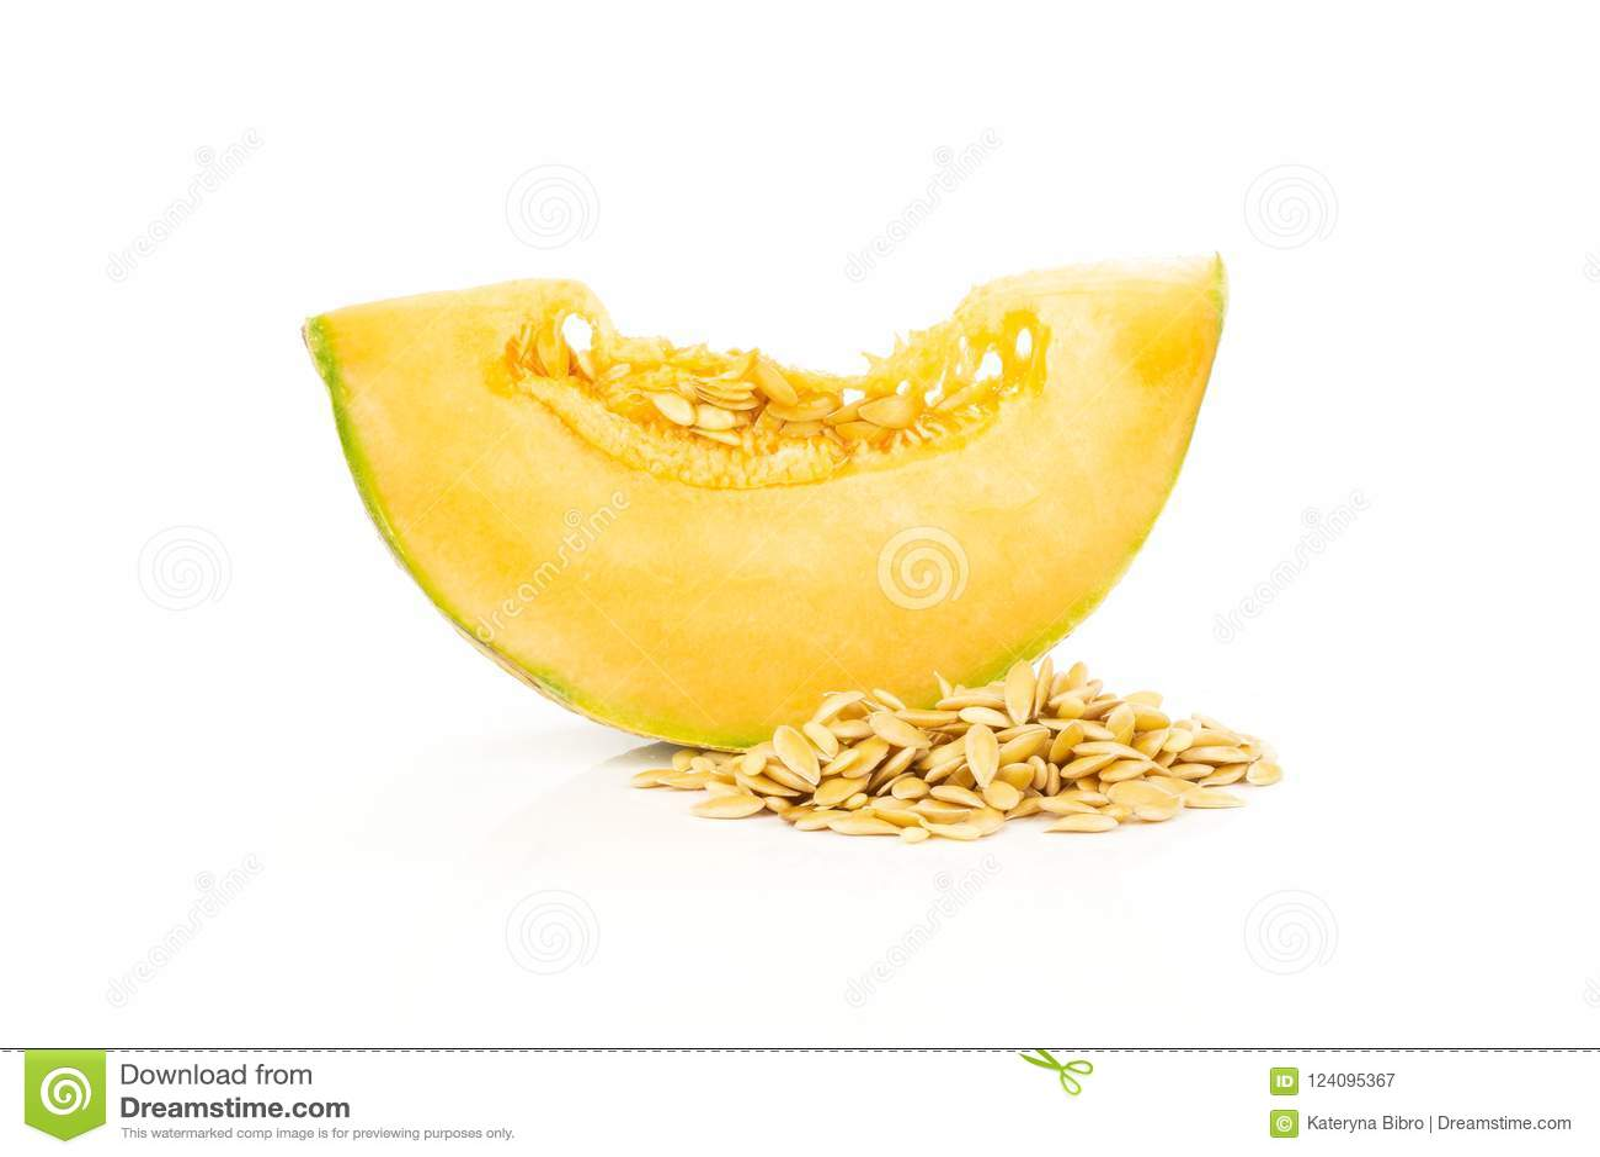 Fresh melon cantaloupe isolated on white